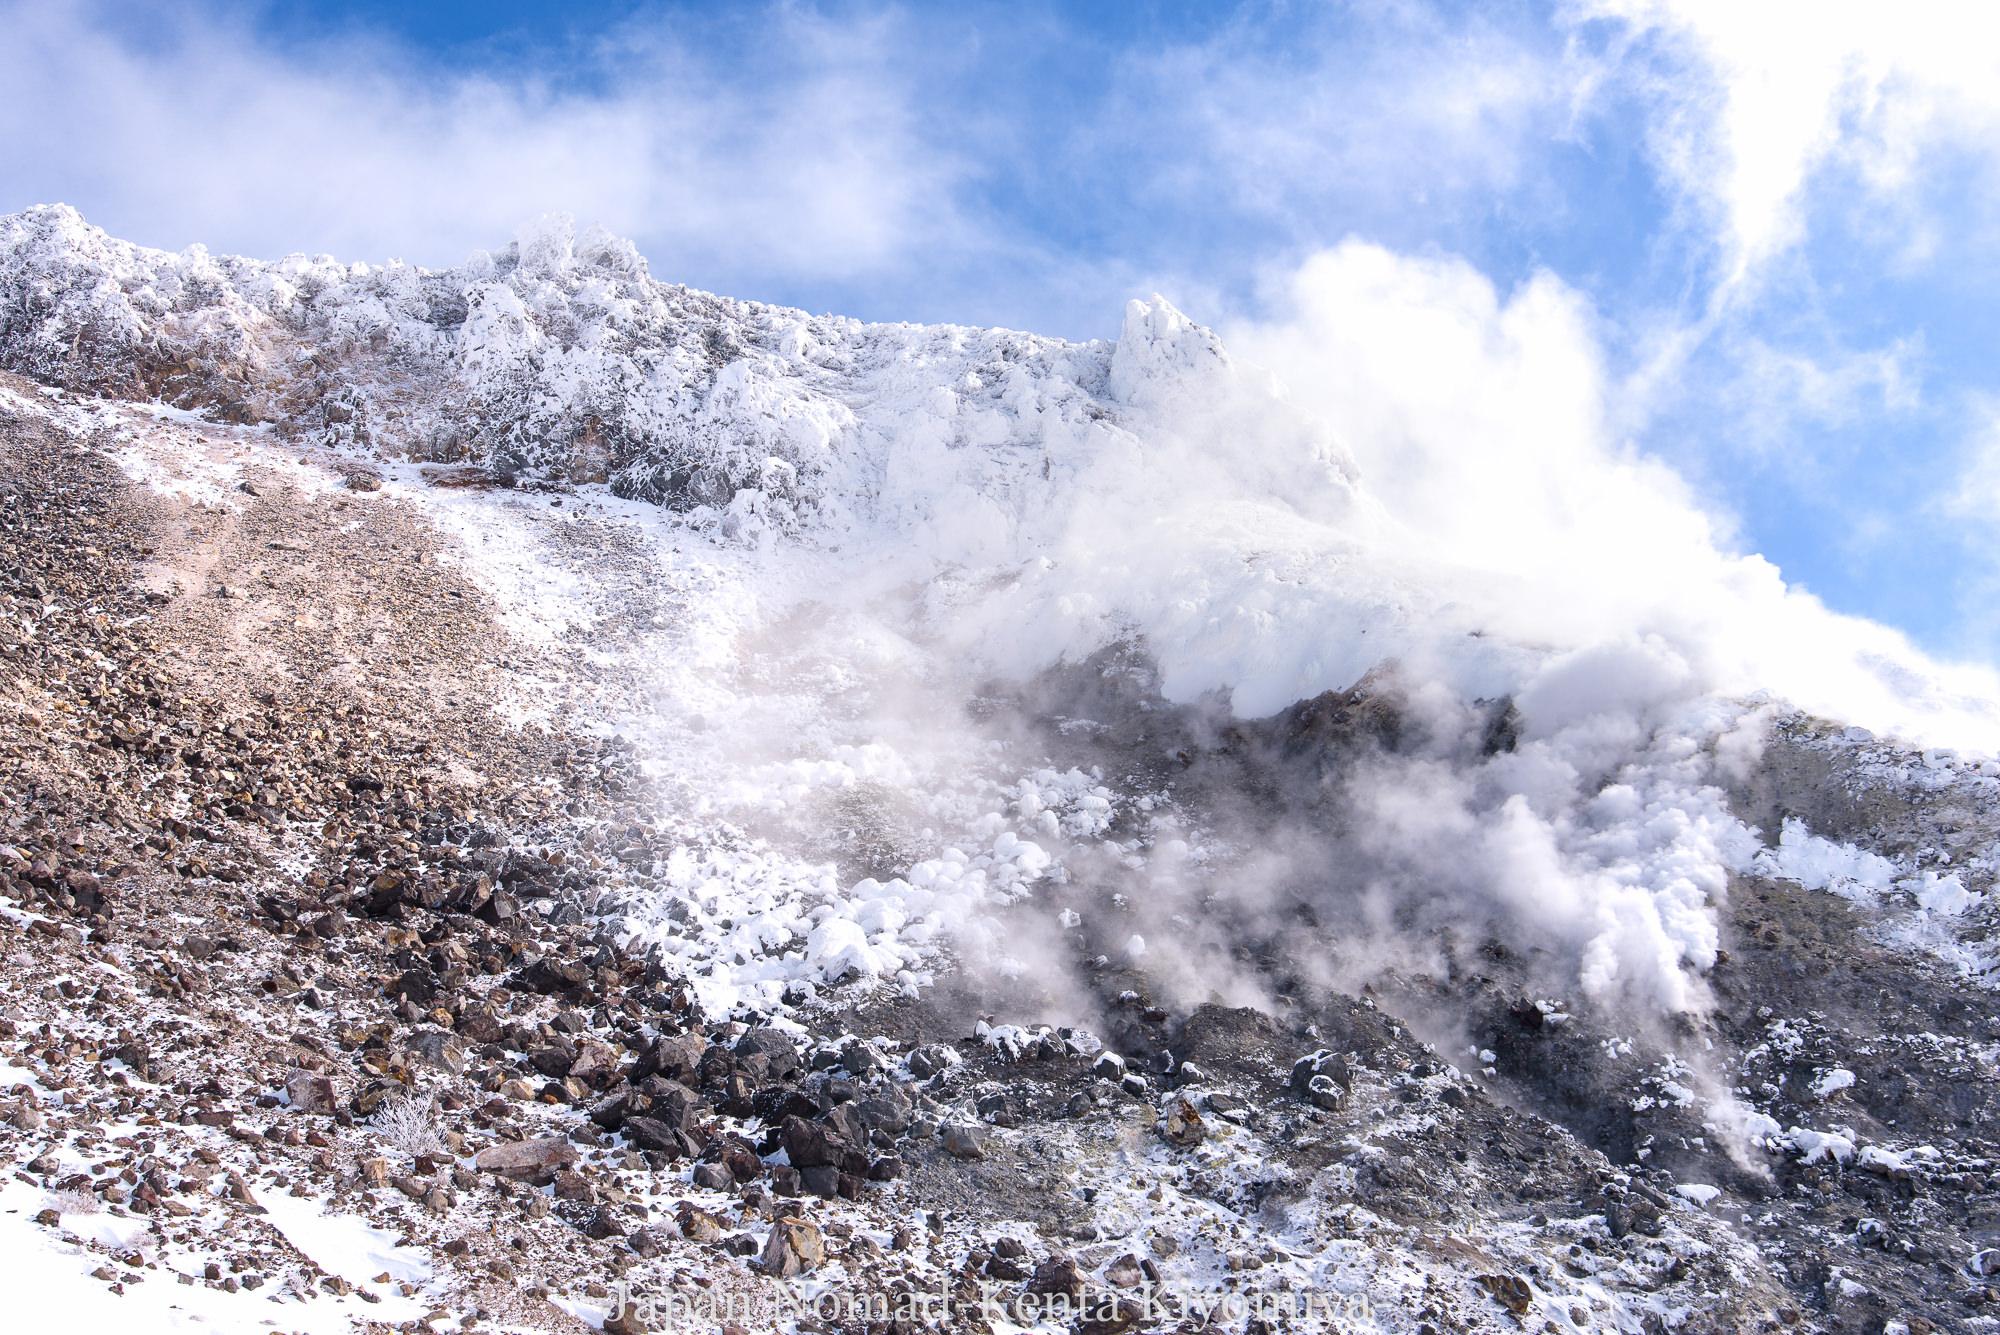 【那須連山】茶臼岳 雪山登山~那須岳冬の風物詩を満喫した強風登山~